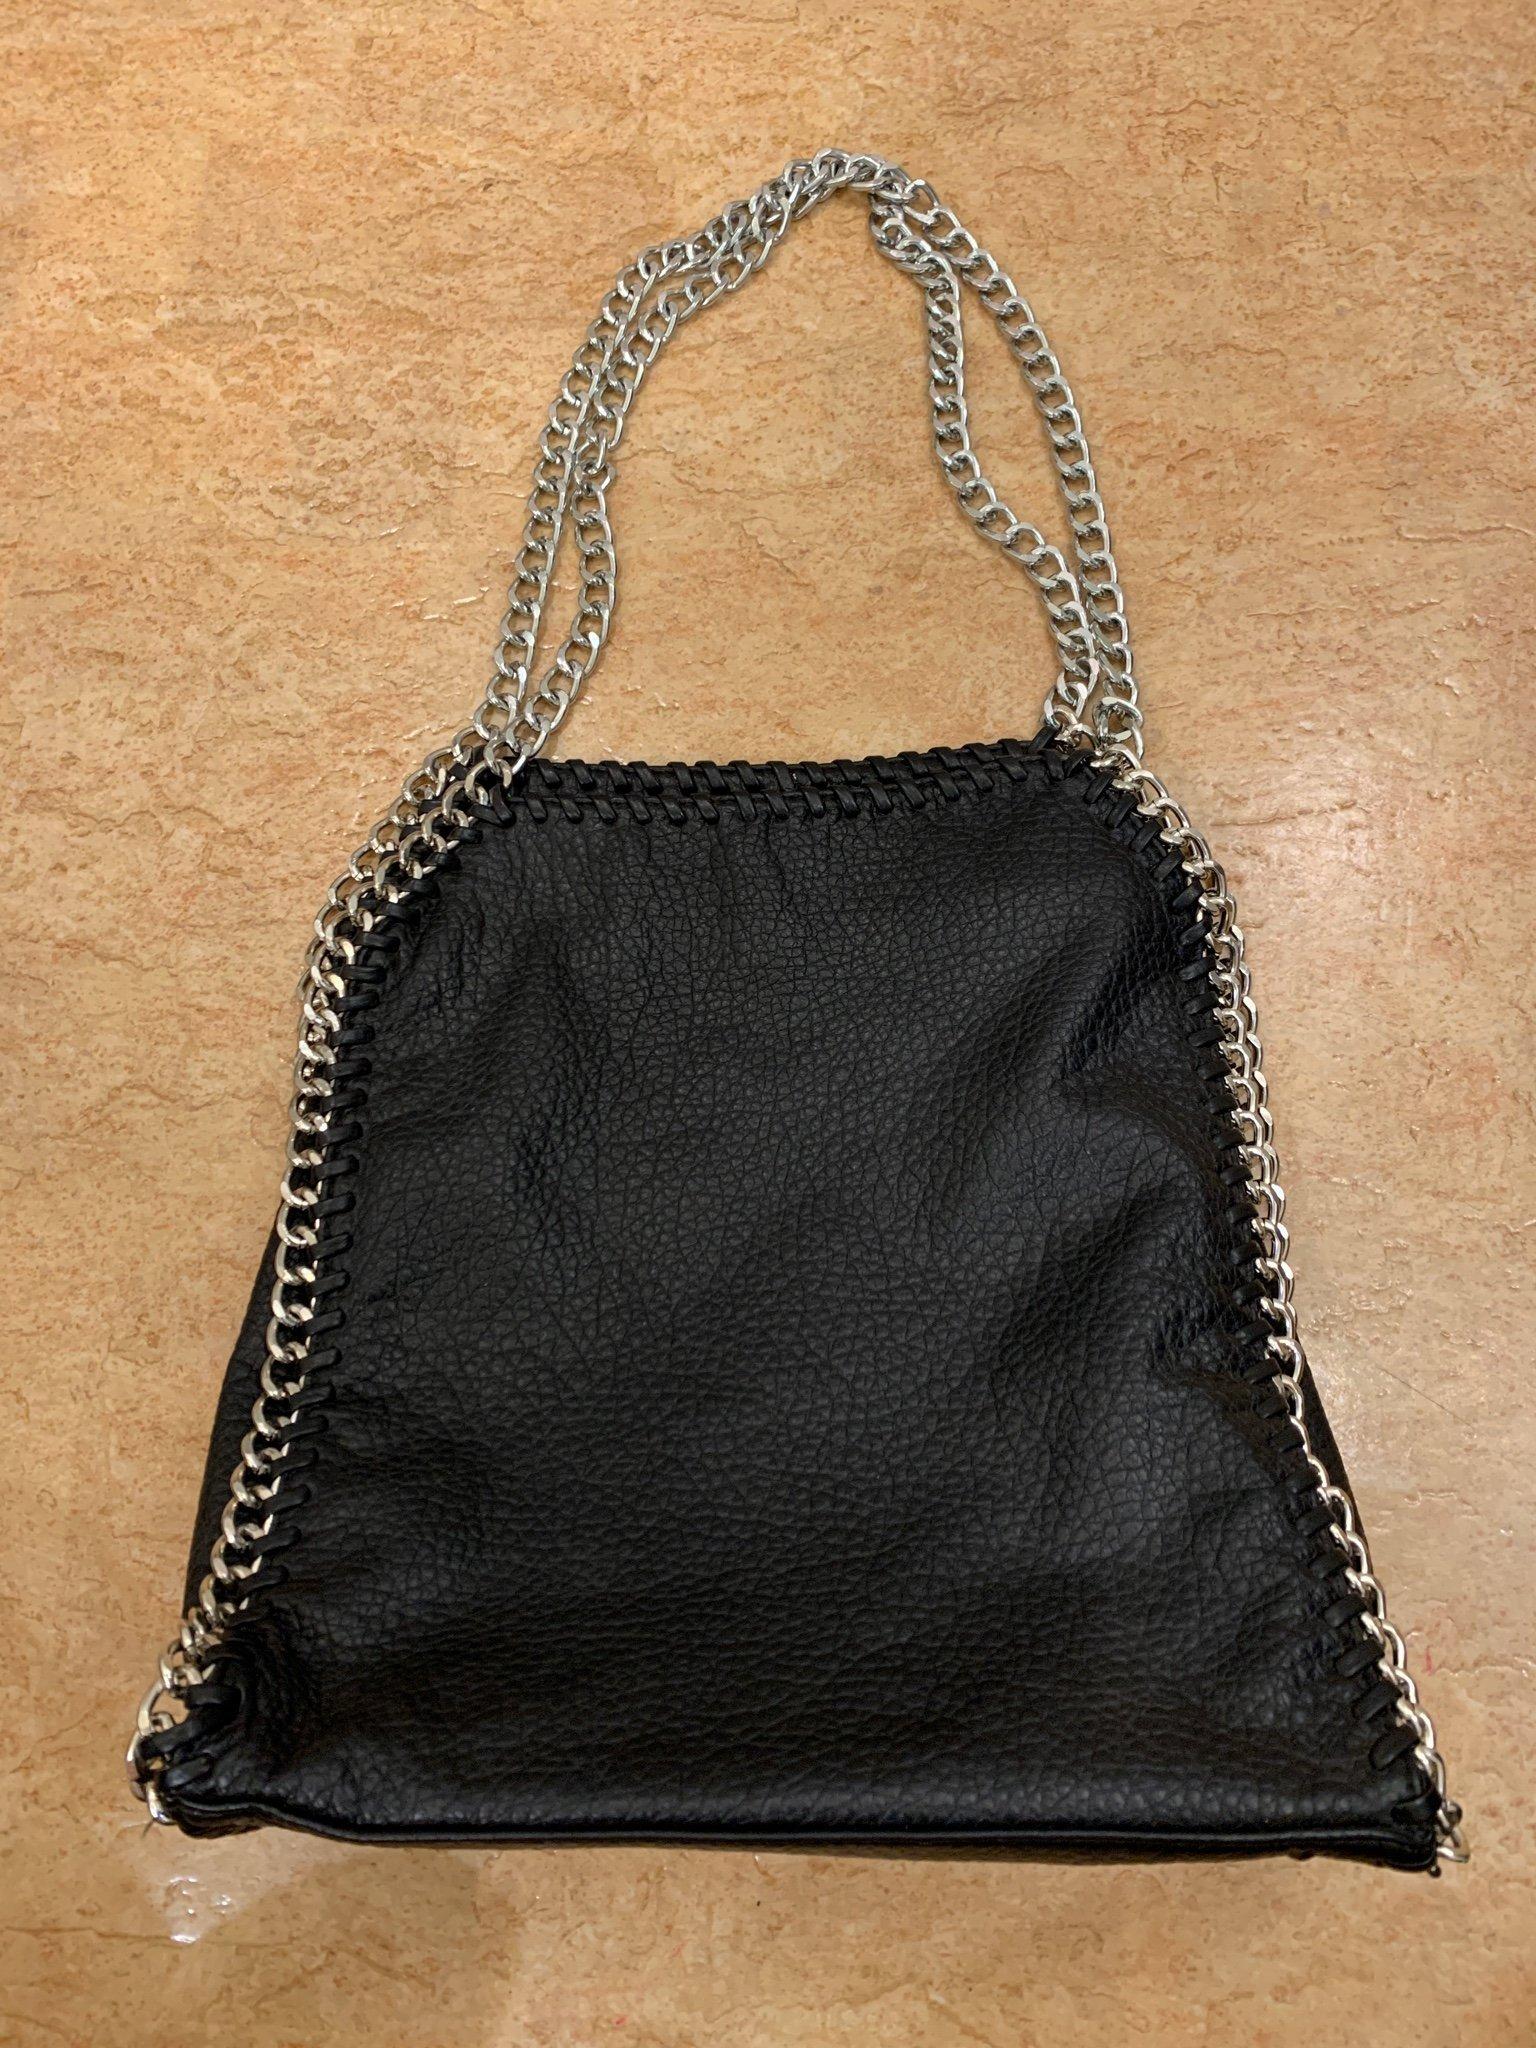 Tiamo Pricilla väska svart från scorett